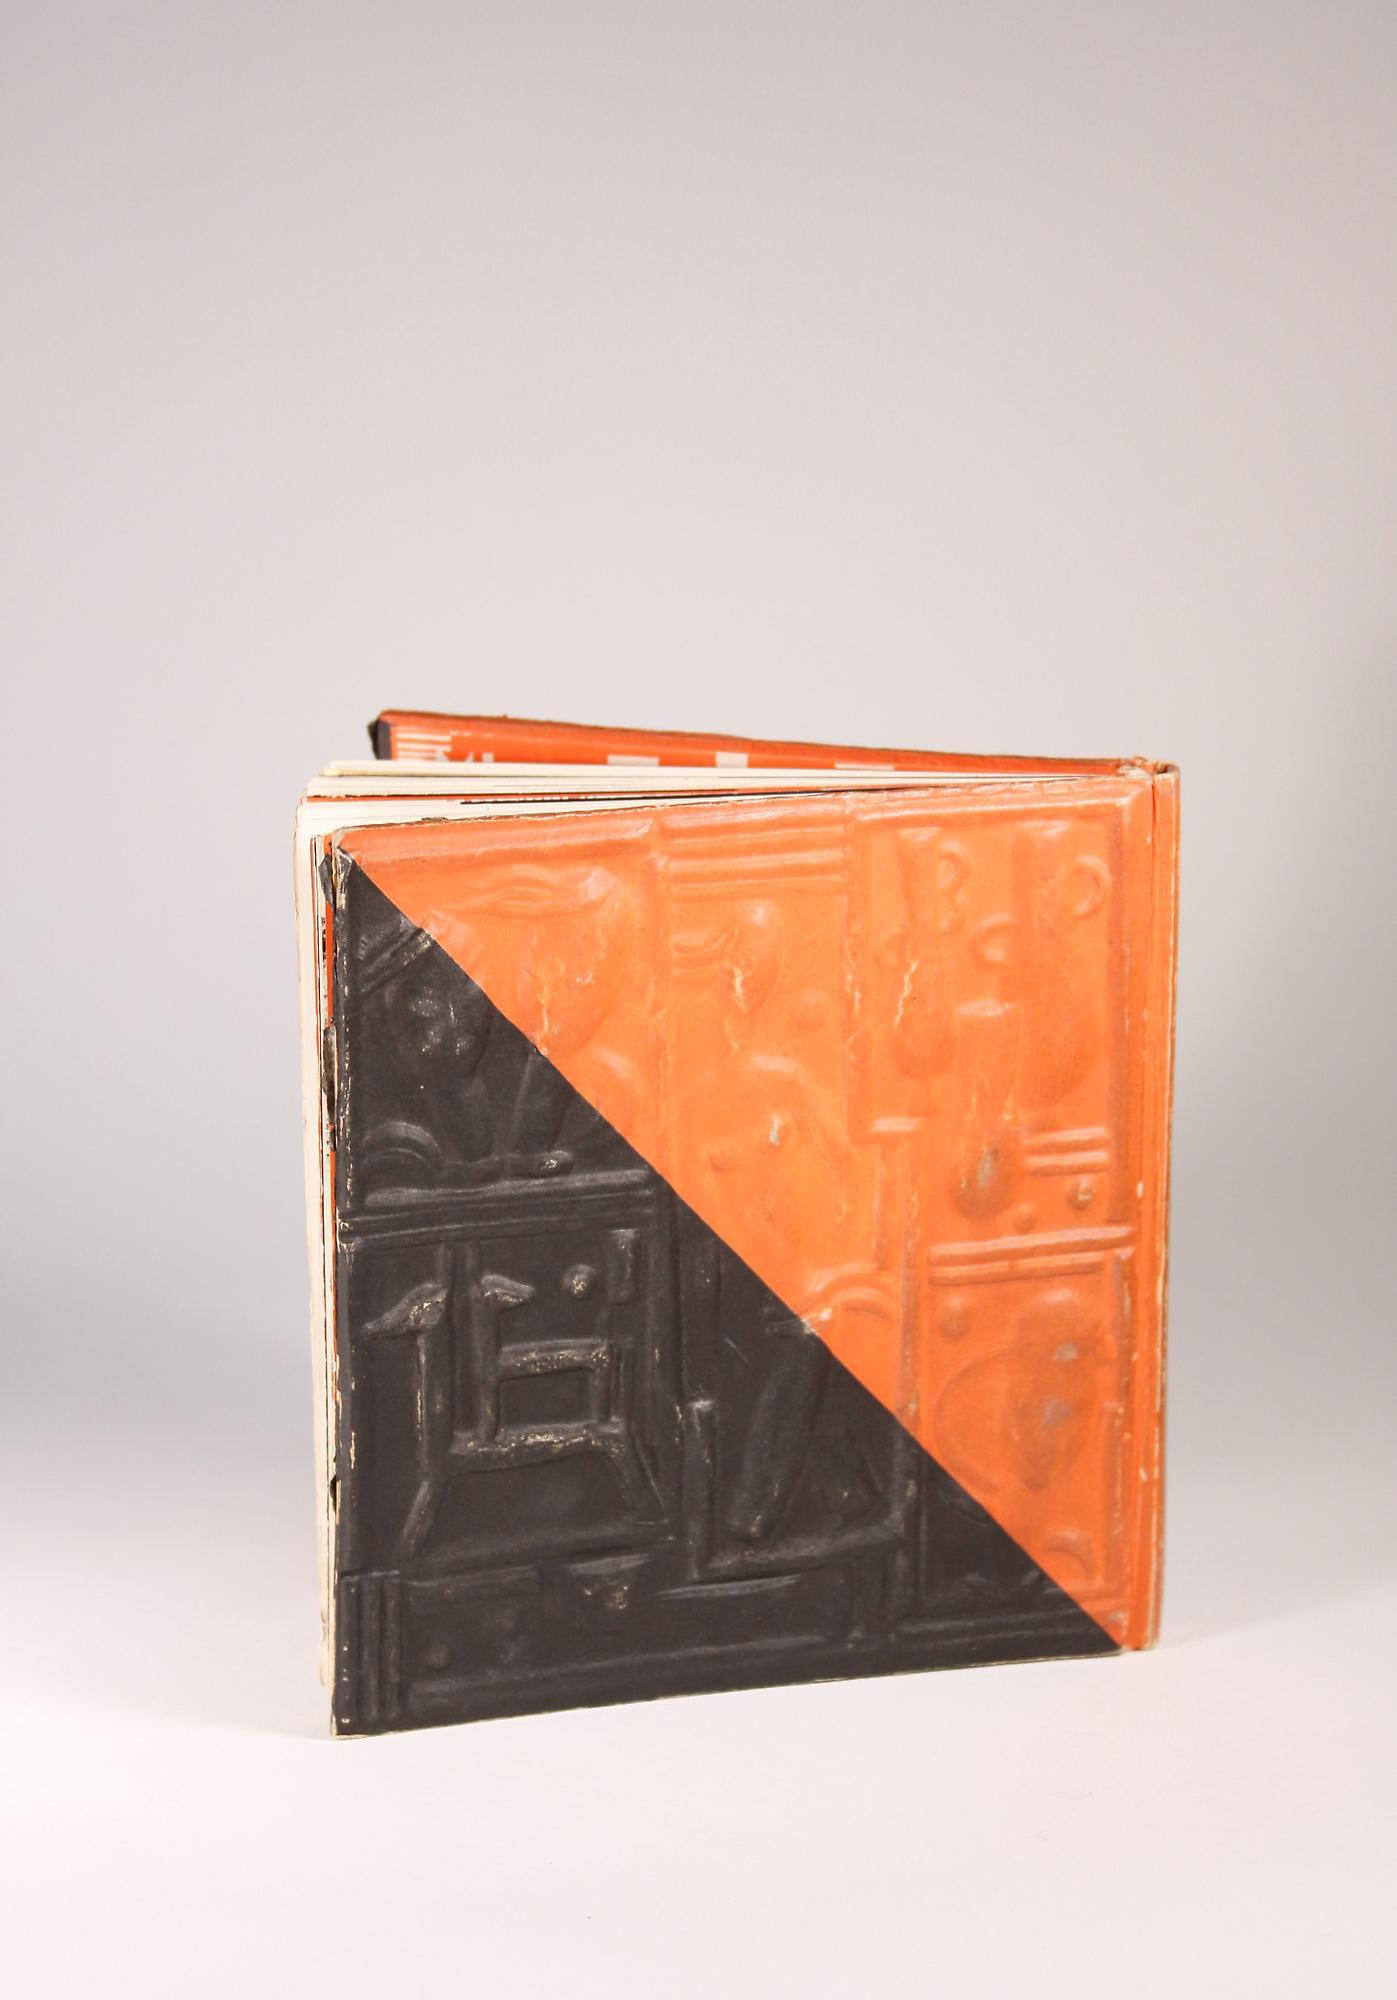 Wiener Werkstätte Book 5